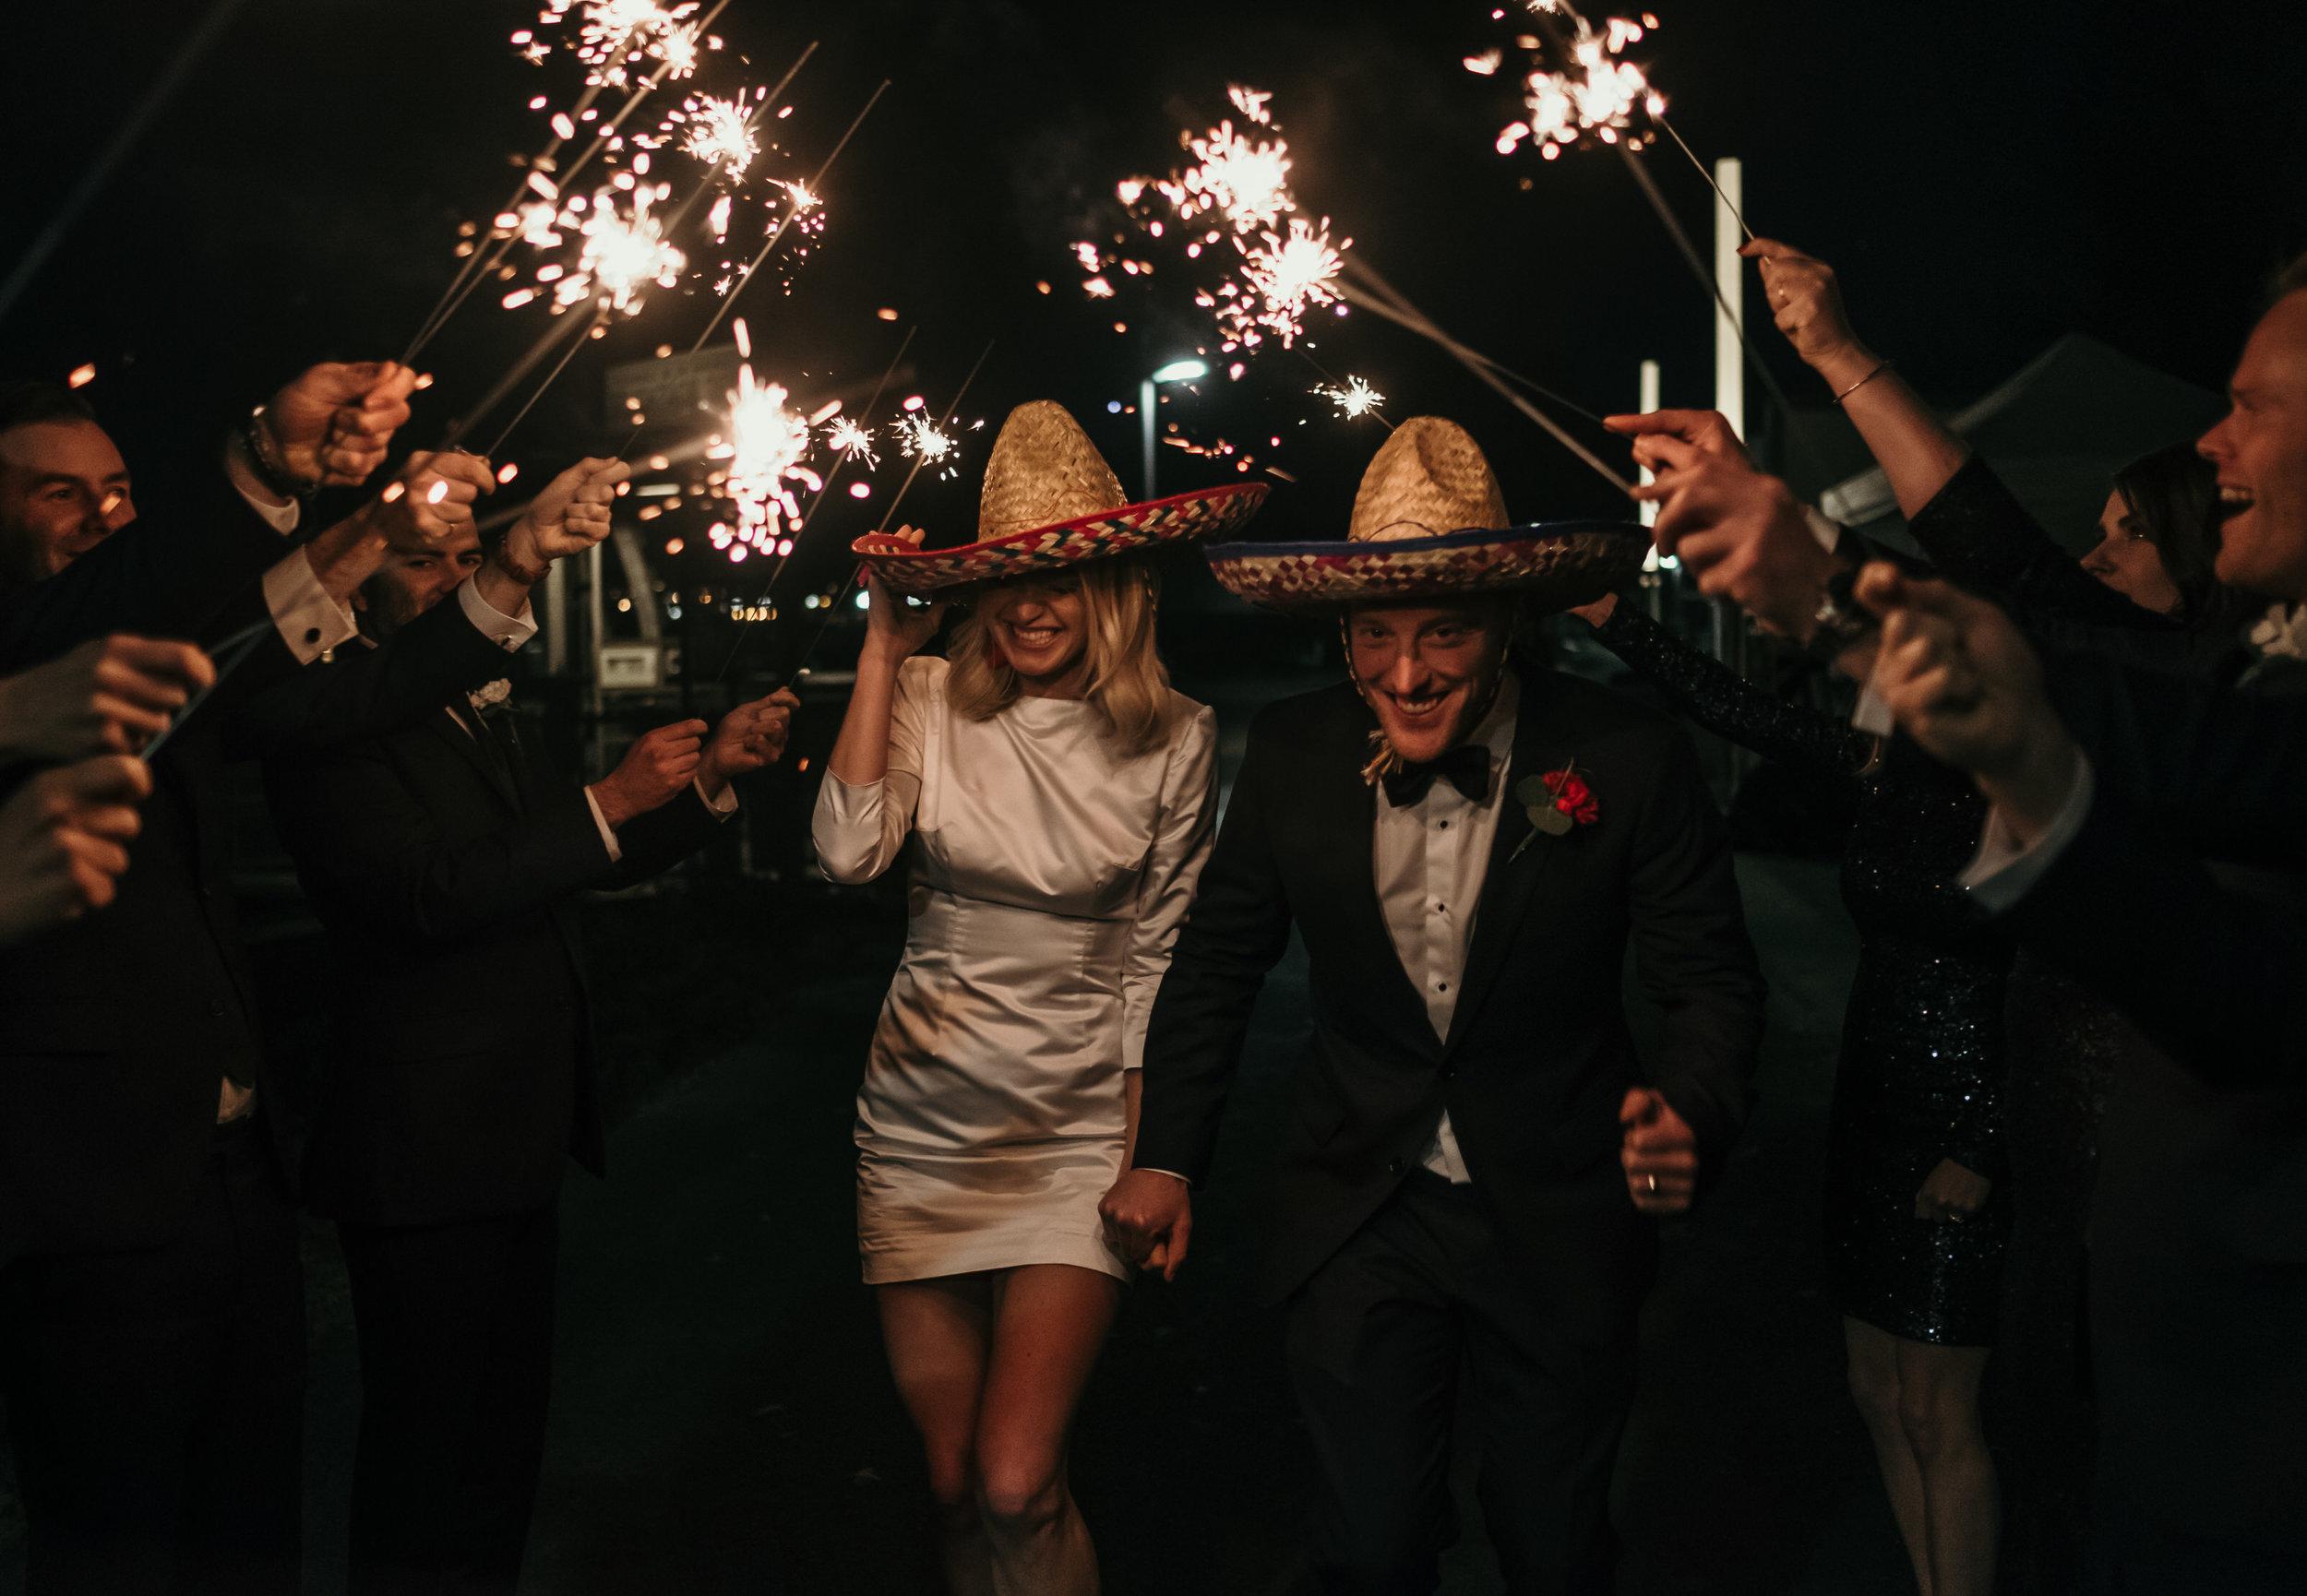 Vancouver New Years Eve Wedding - UBC Boathouse Wedding - Kitsilano Wedding Photos - Vancouver Wedding Photographer - Vancouver Wedding Videographer - 938.JPG